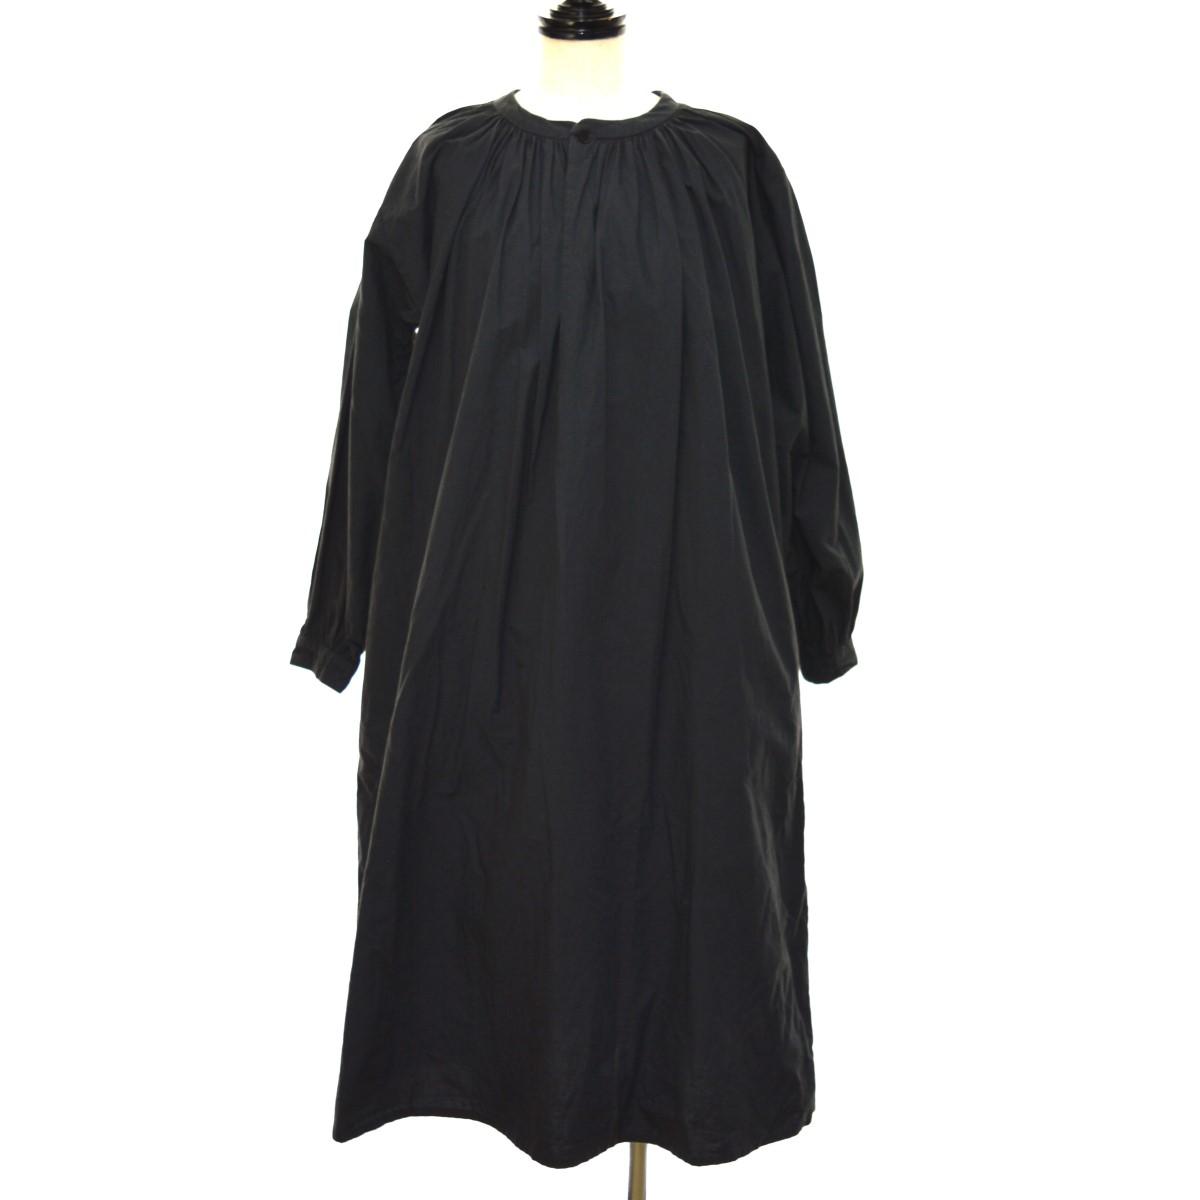 【中古】YAECA シャツワンピース ブラック サイズ:S 【160320】(ヤエカ)